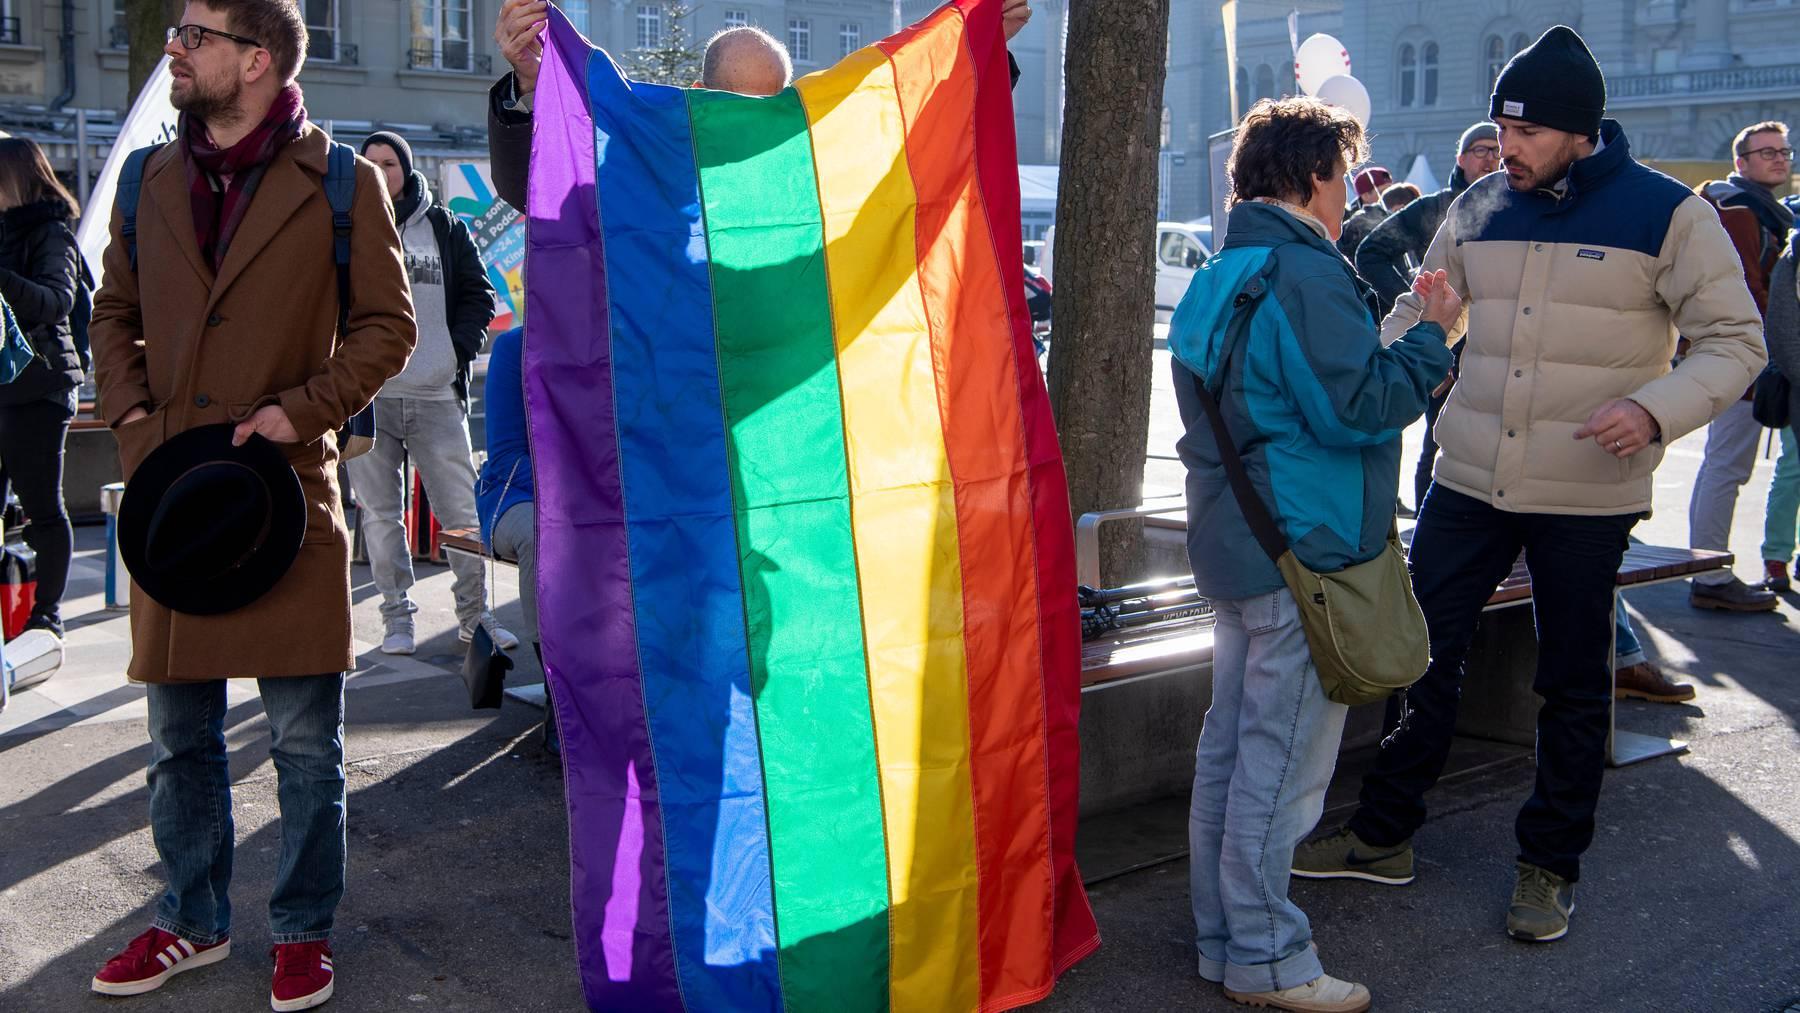 Der Bundesrat ist auf ihrer Seite: Eine Gruppe von Aktivisten engagierte sich am 14. Februar letzten Jahres für die Öffnung der Ehe.